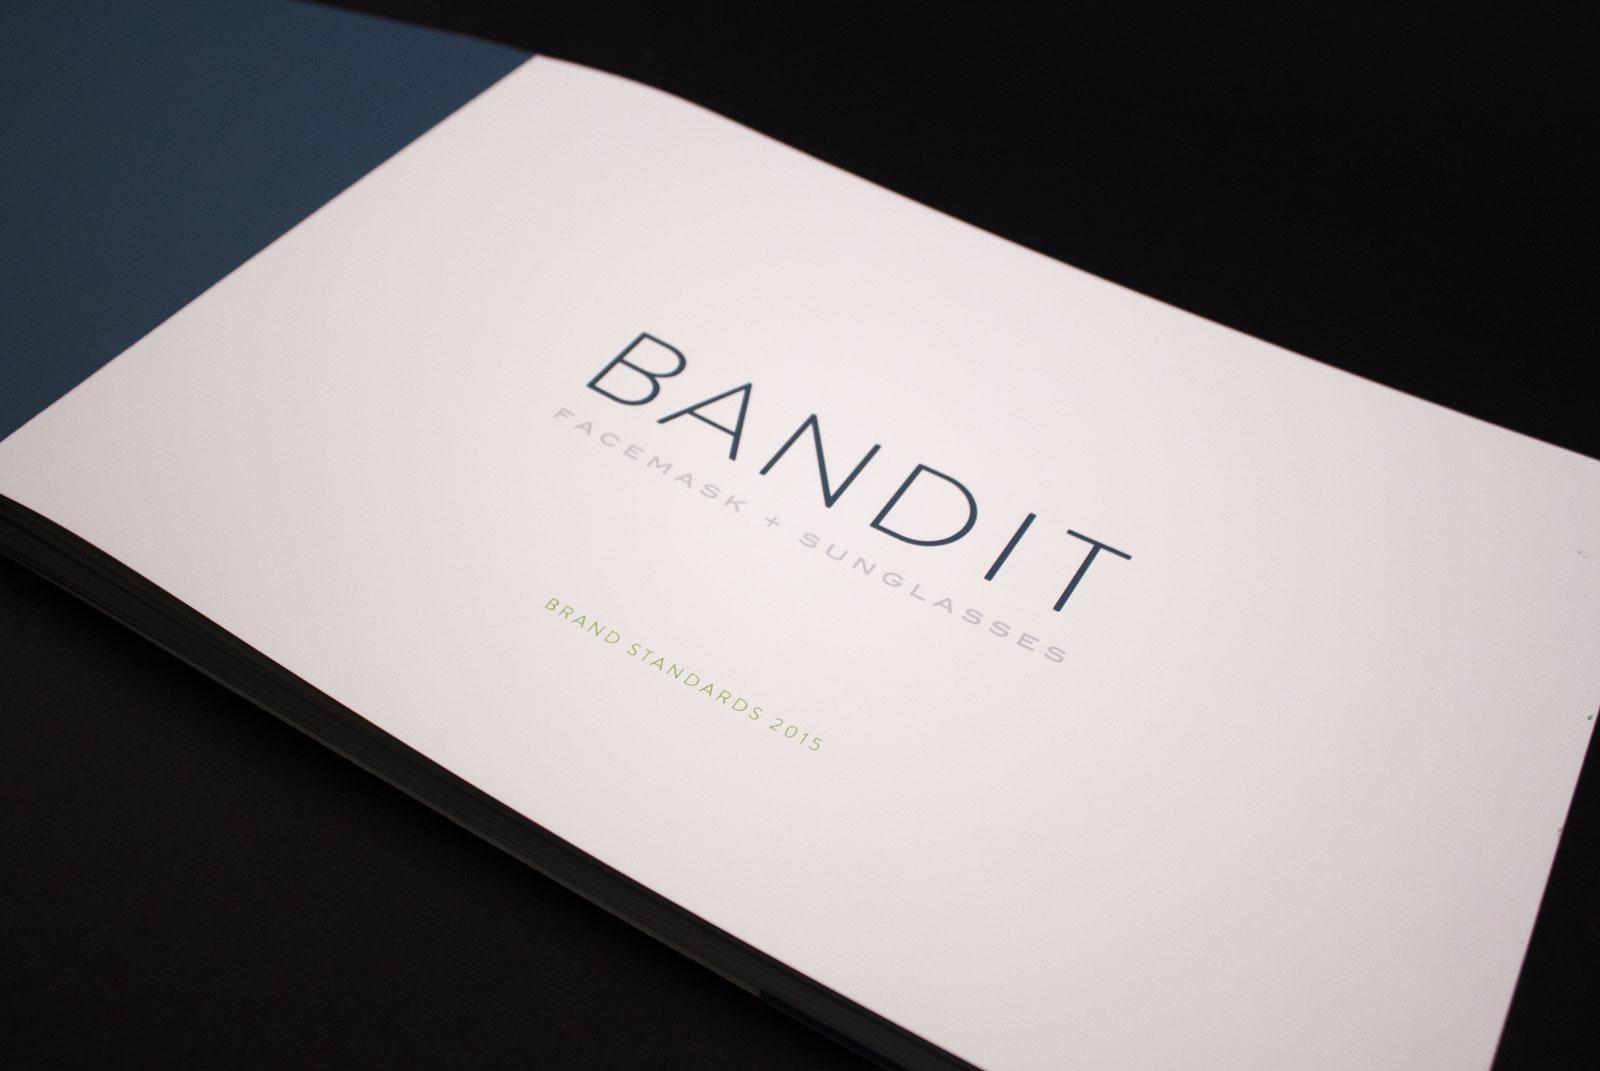 ZanBarnett-Brand-Bandit2.jpg